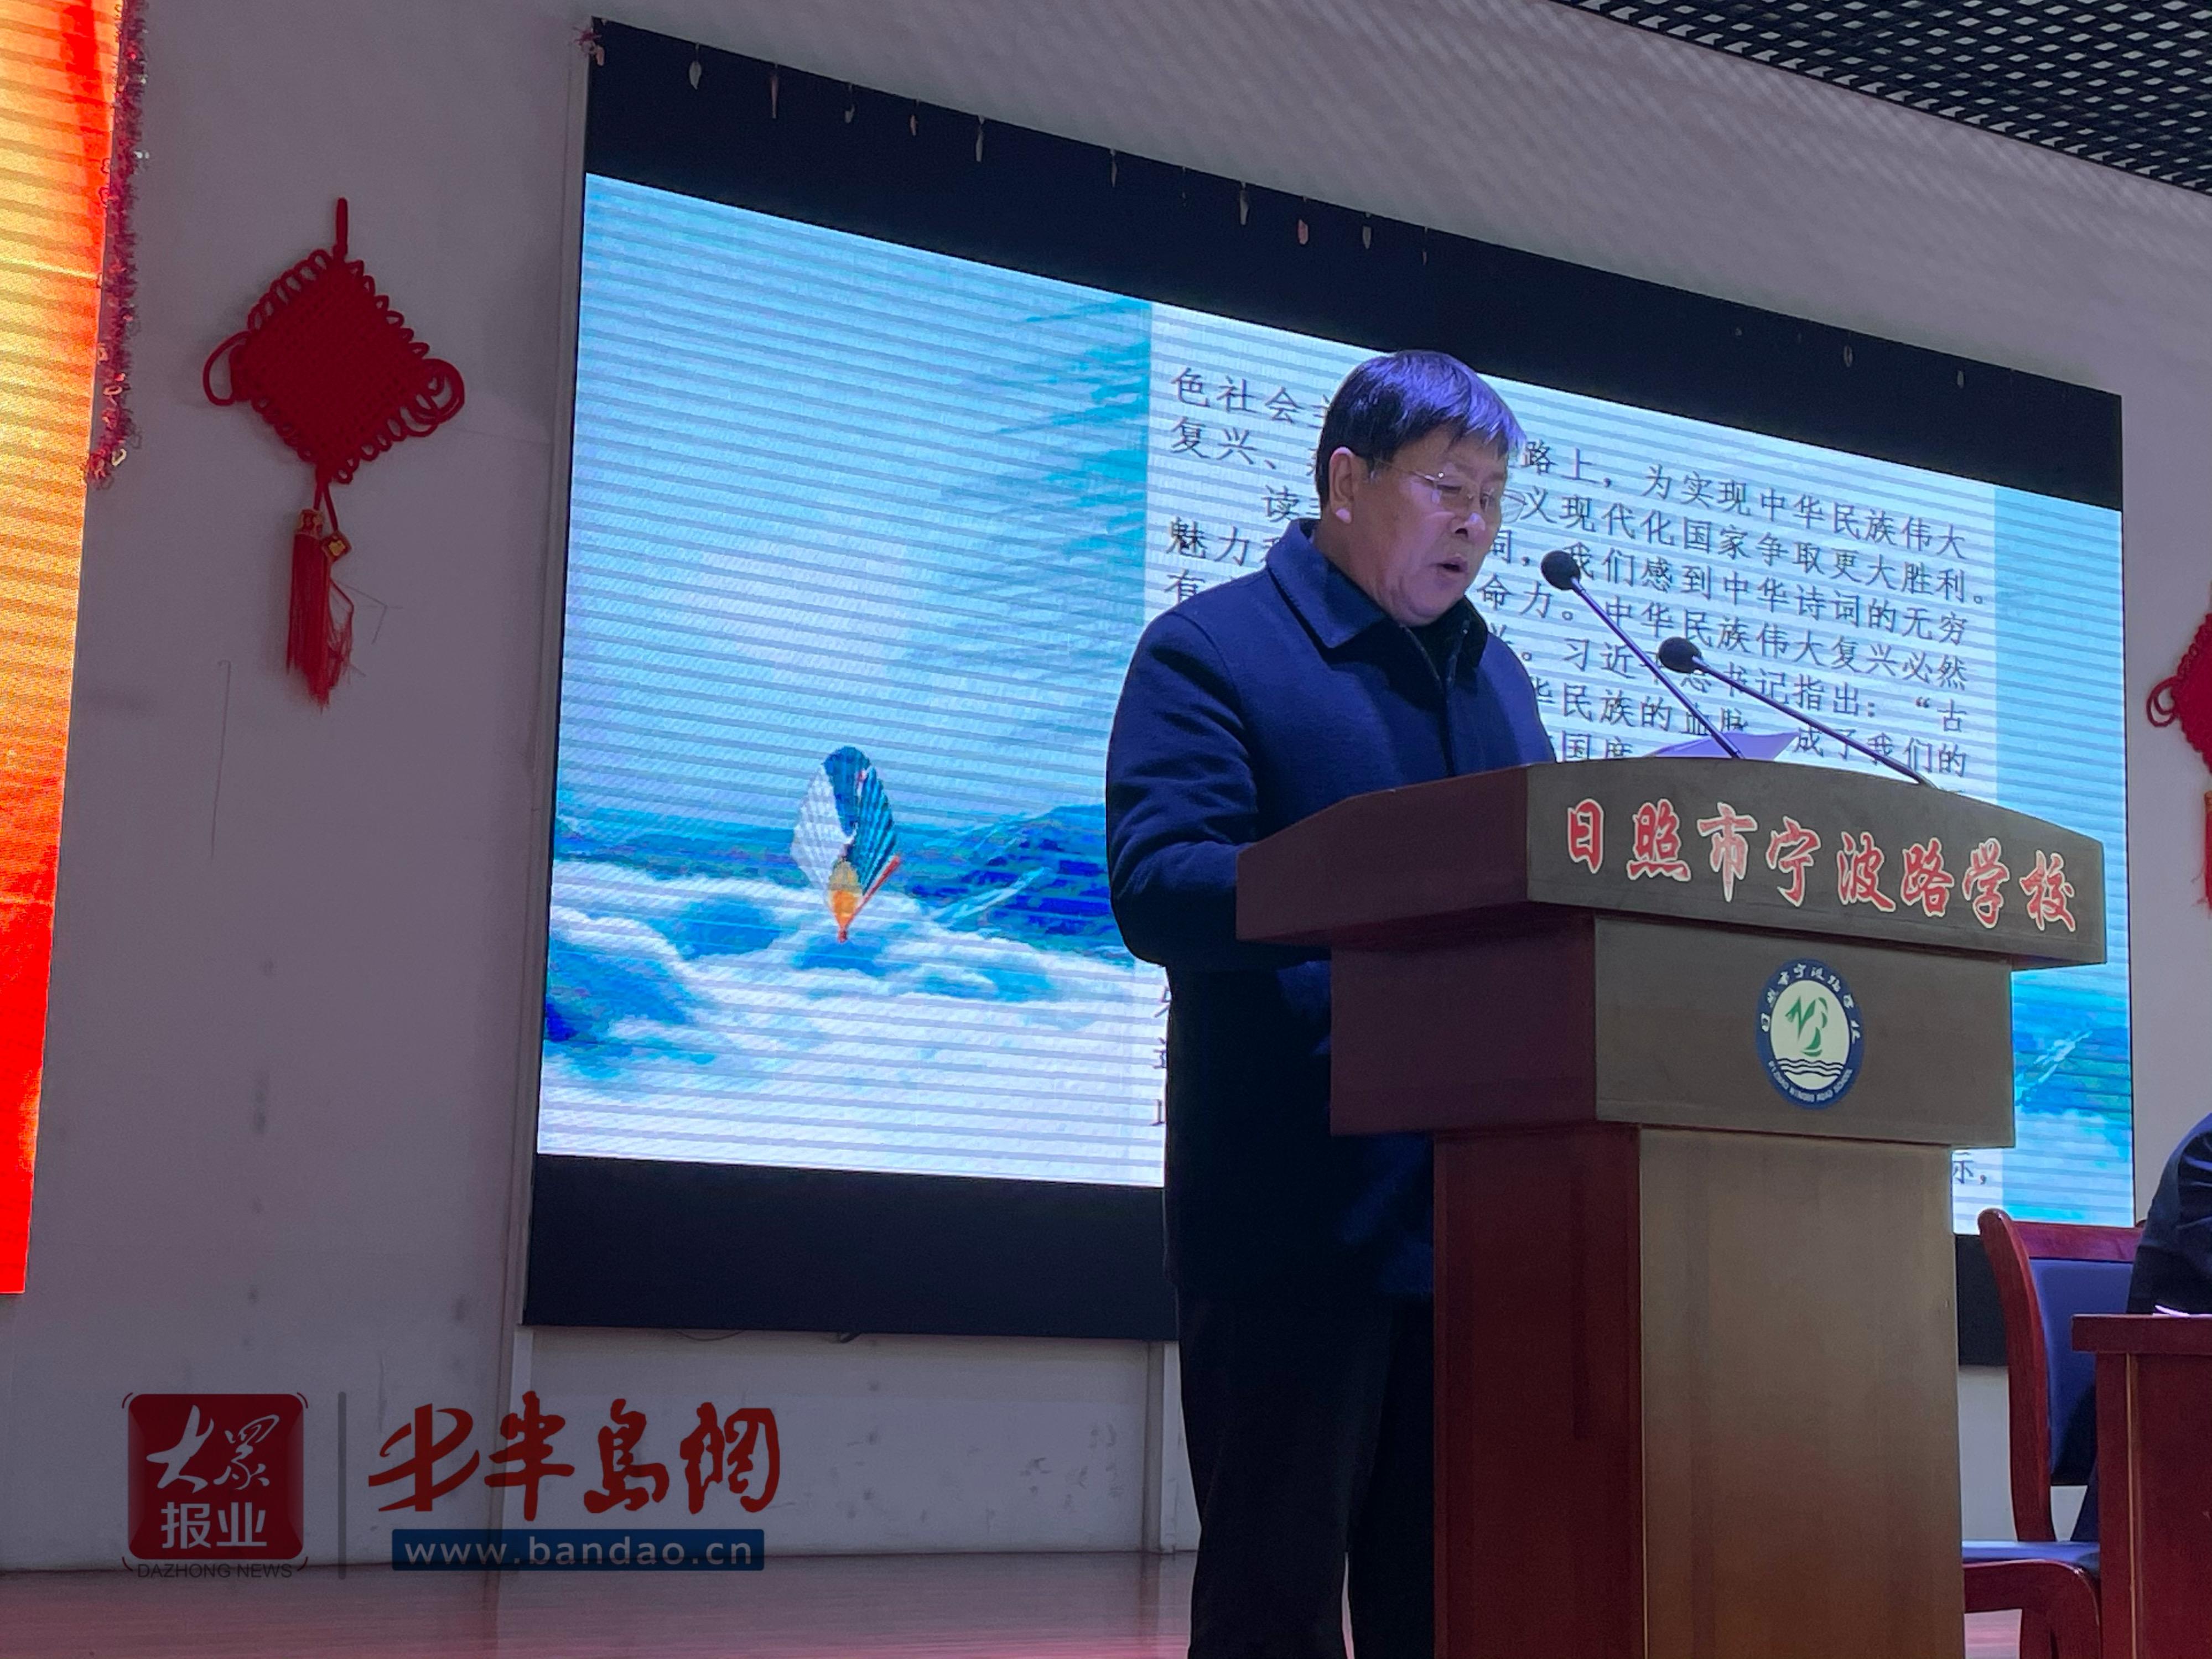 颂歌献伟人,唱响新时代,日照市举行纪念毛泽东诞辰127周年诗会